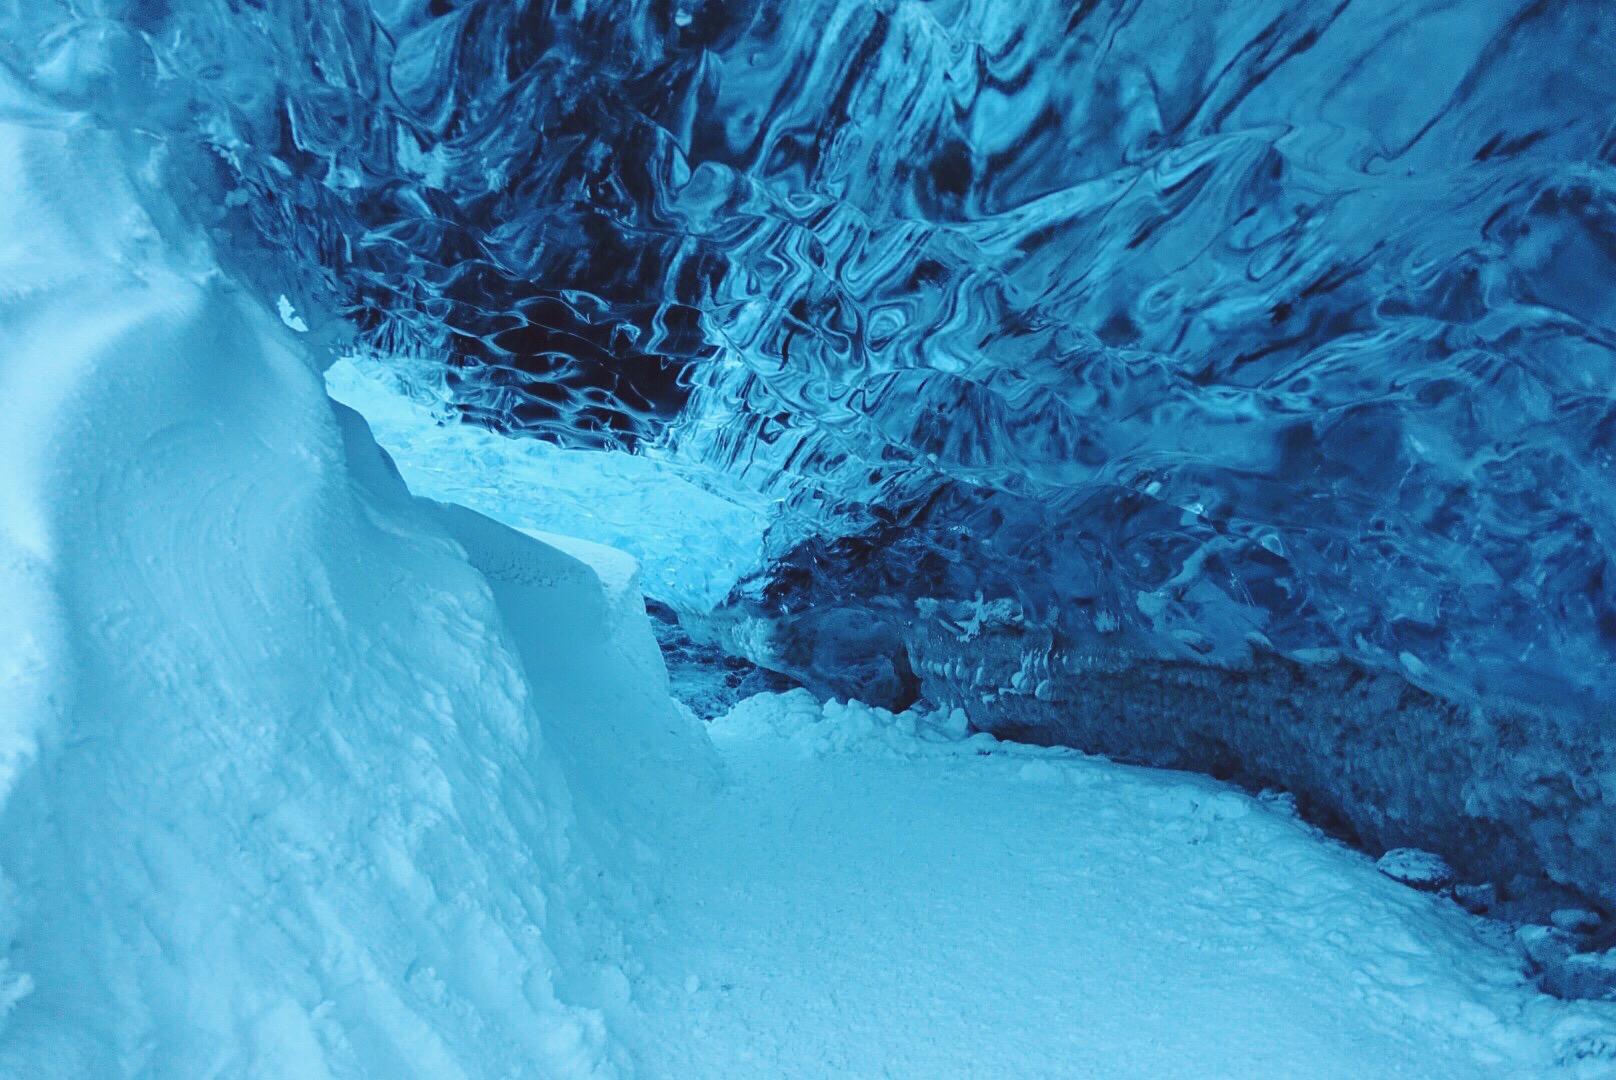 蓝冰洞-冰岛最美艳的冬色